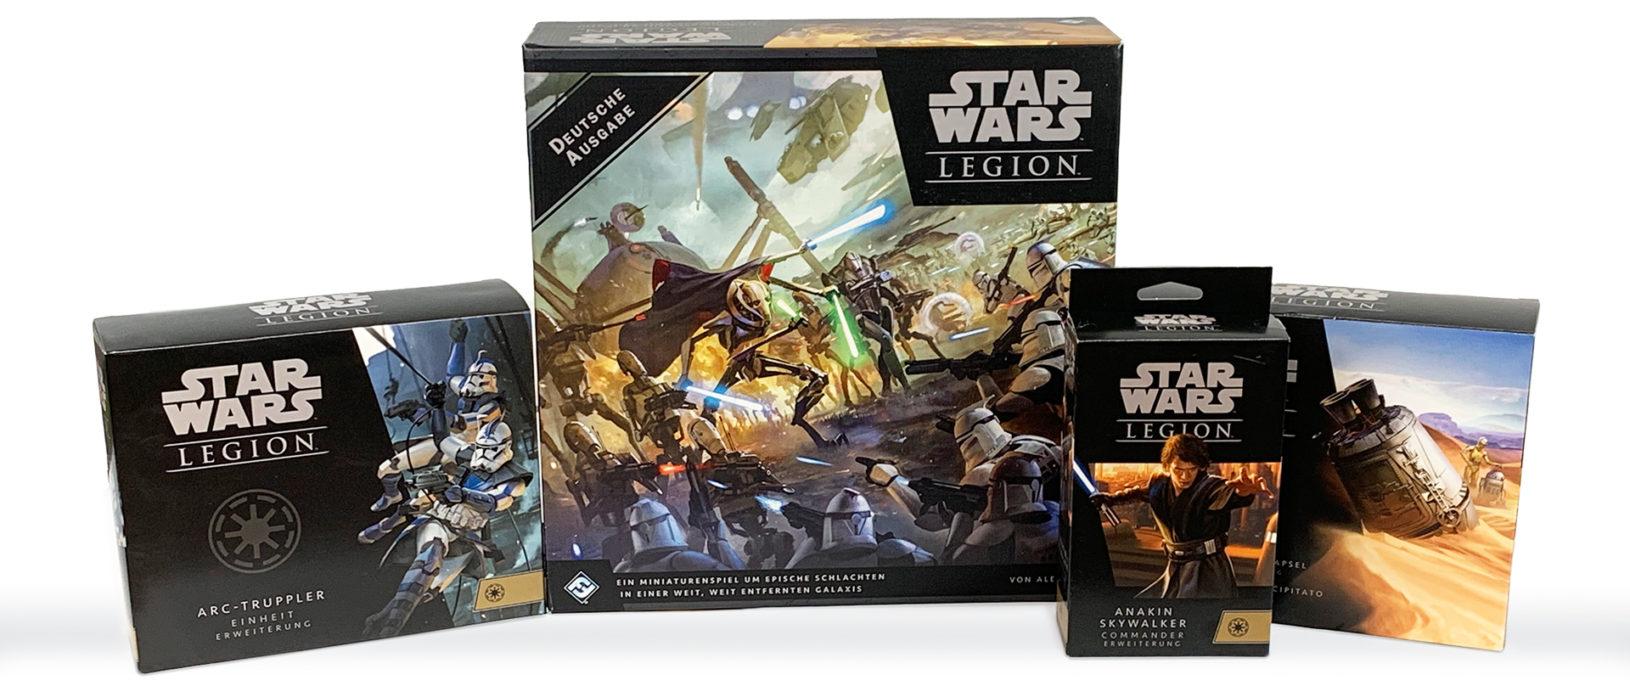 Star Wars Legion Grundspiel mitsamt Erweiterungen. Von links nach rechts: ARC-Truppler Einheit-Erweiterung, Star Wars Legion: Clone Wars Grundspiel, Anakin Skywalker Commander-Erweiterung, Abgestürzte Rettungskapsel Schlachtfeld-Erweiterung.